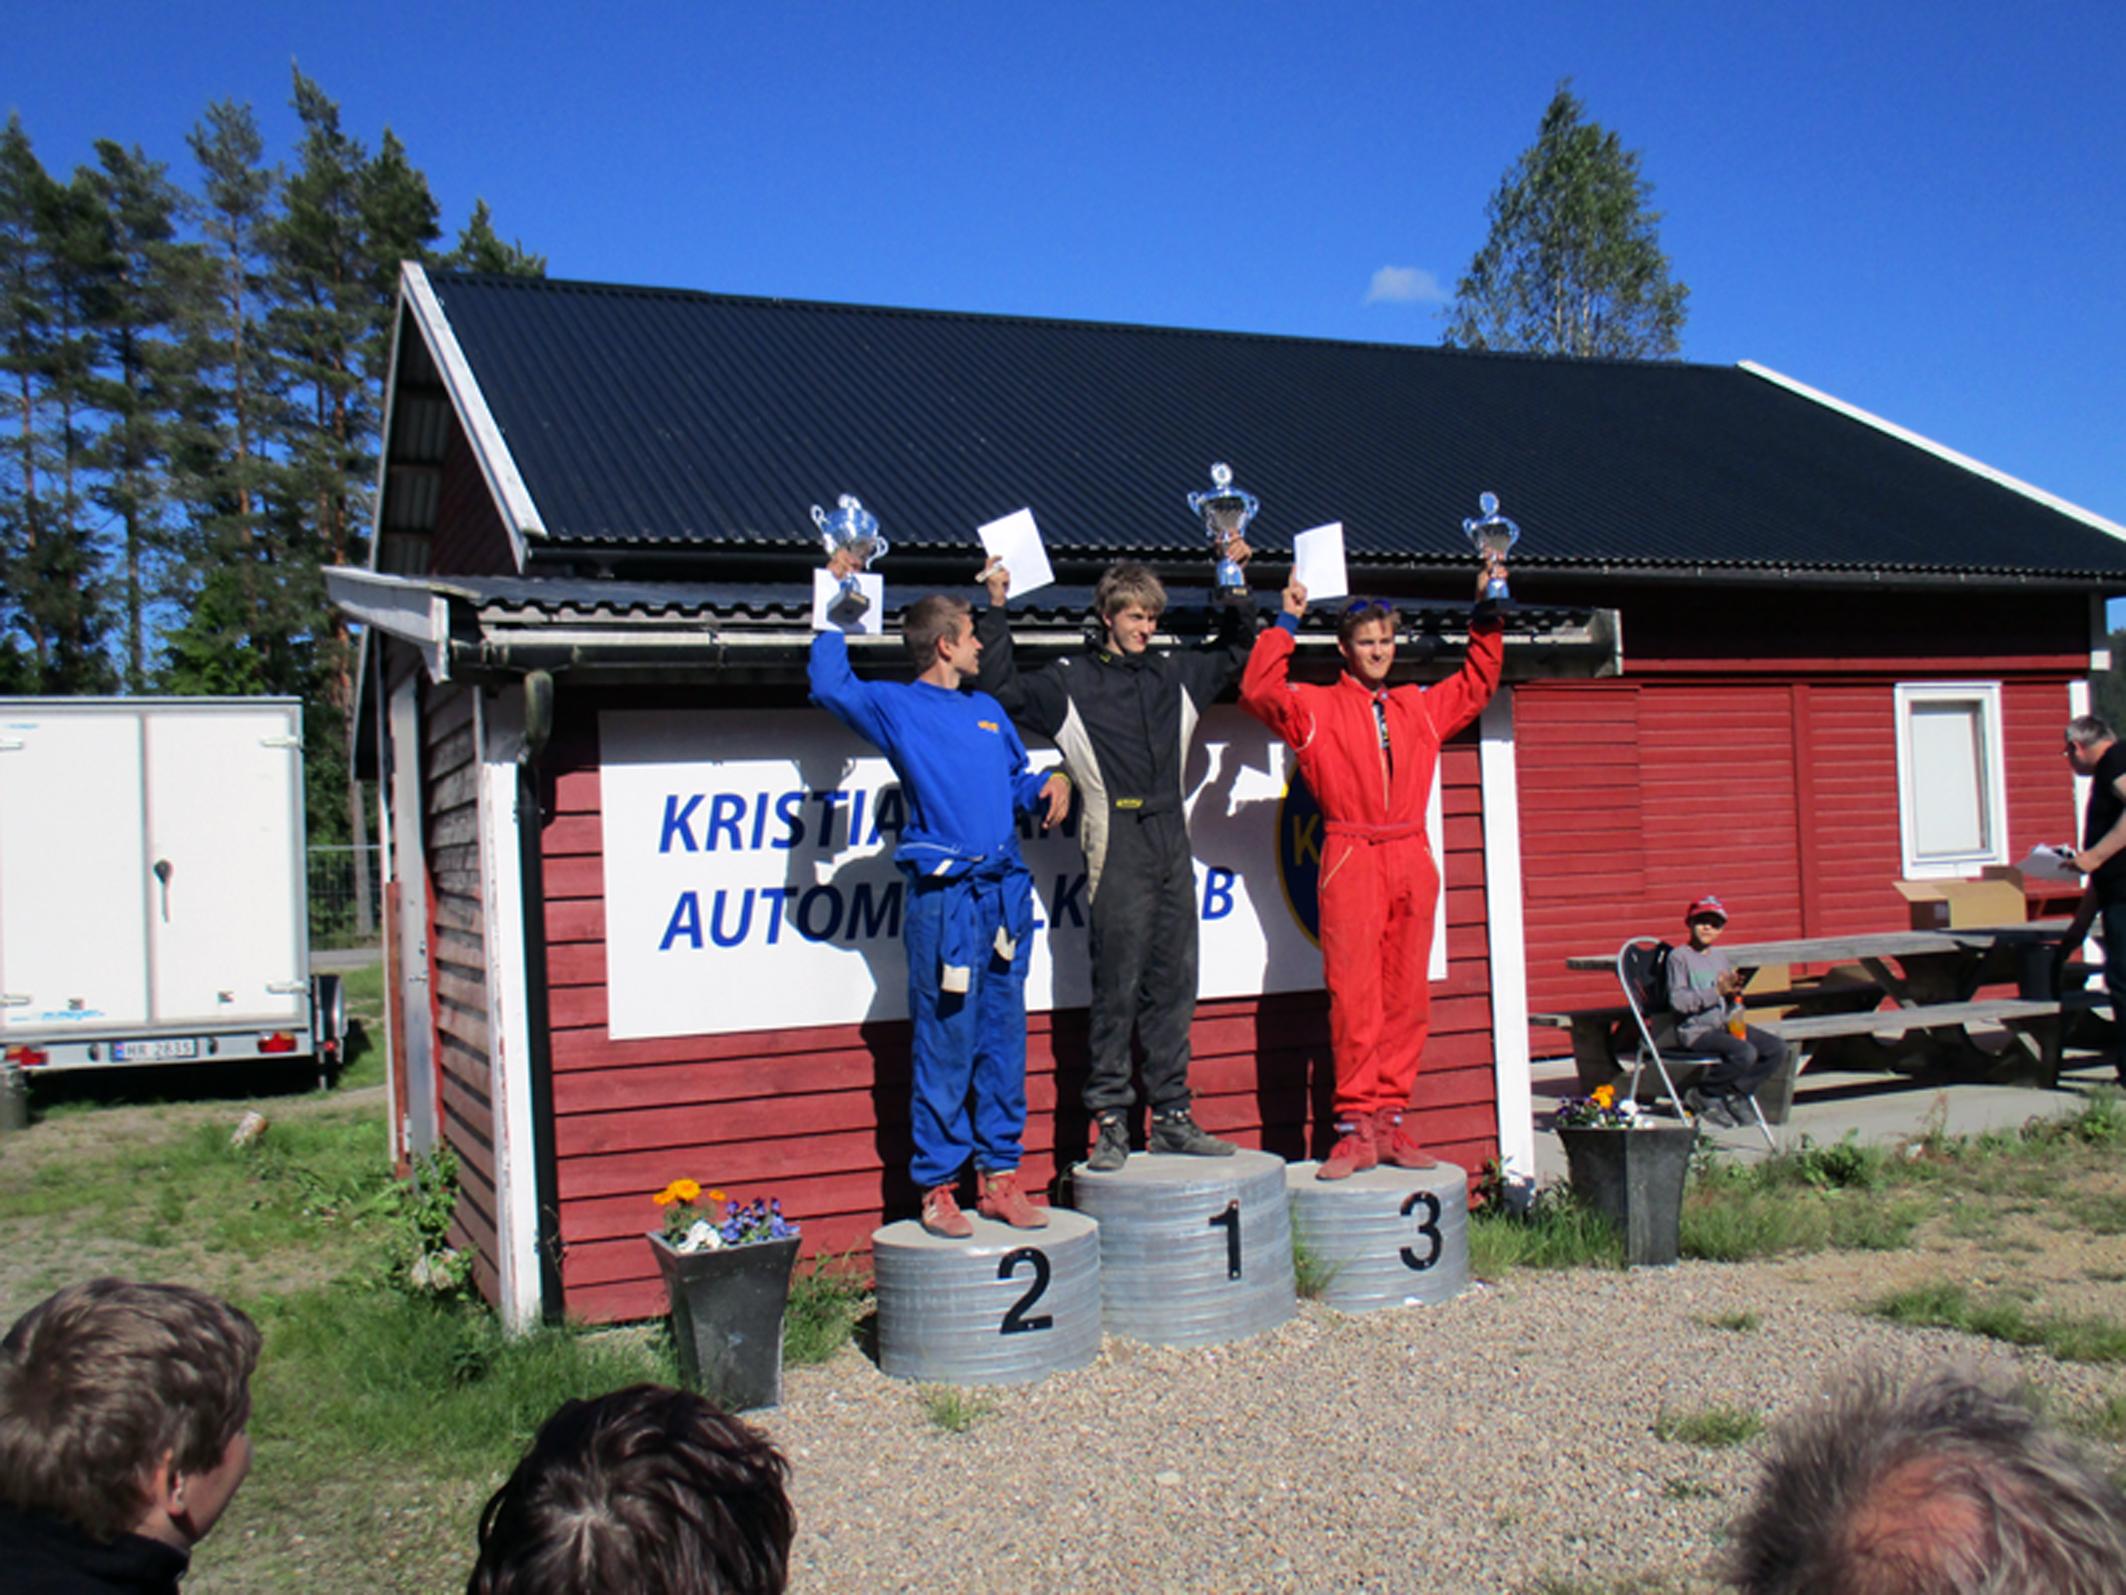 KAK-DOMINANS: NMK Konsmos Simen Eriksen Nepstad (t.v.) hindret total KAK-dominans på juniorpallen. Vinner Aleksander Beisland på toppen og Tobias Håkedal Erlandsen til høyre. (FOTO: KAK)